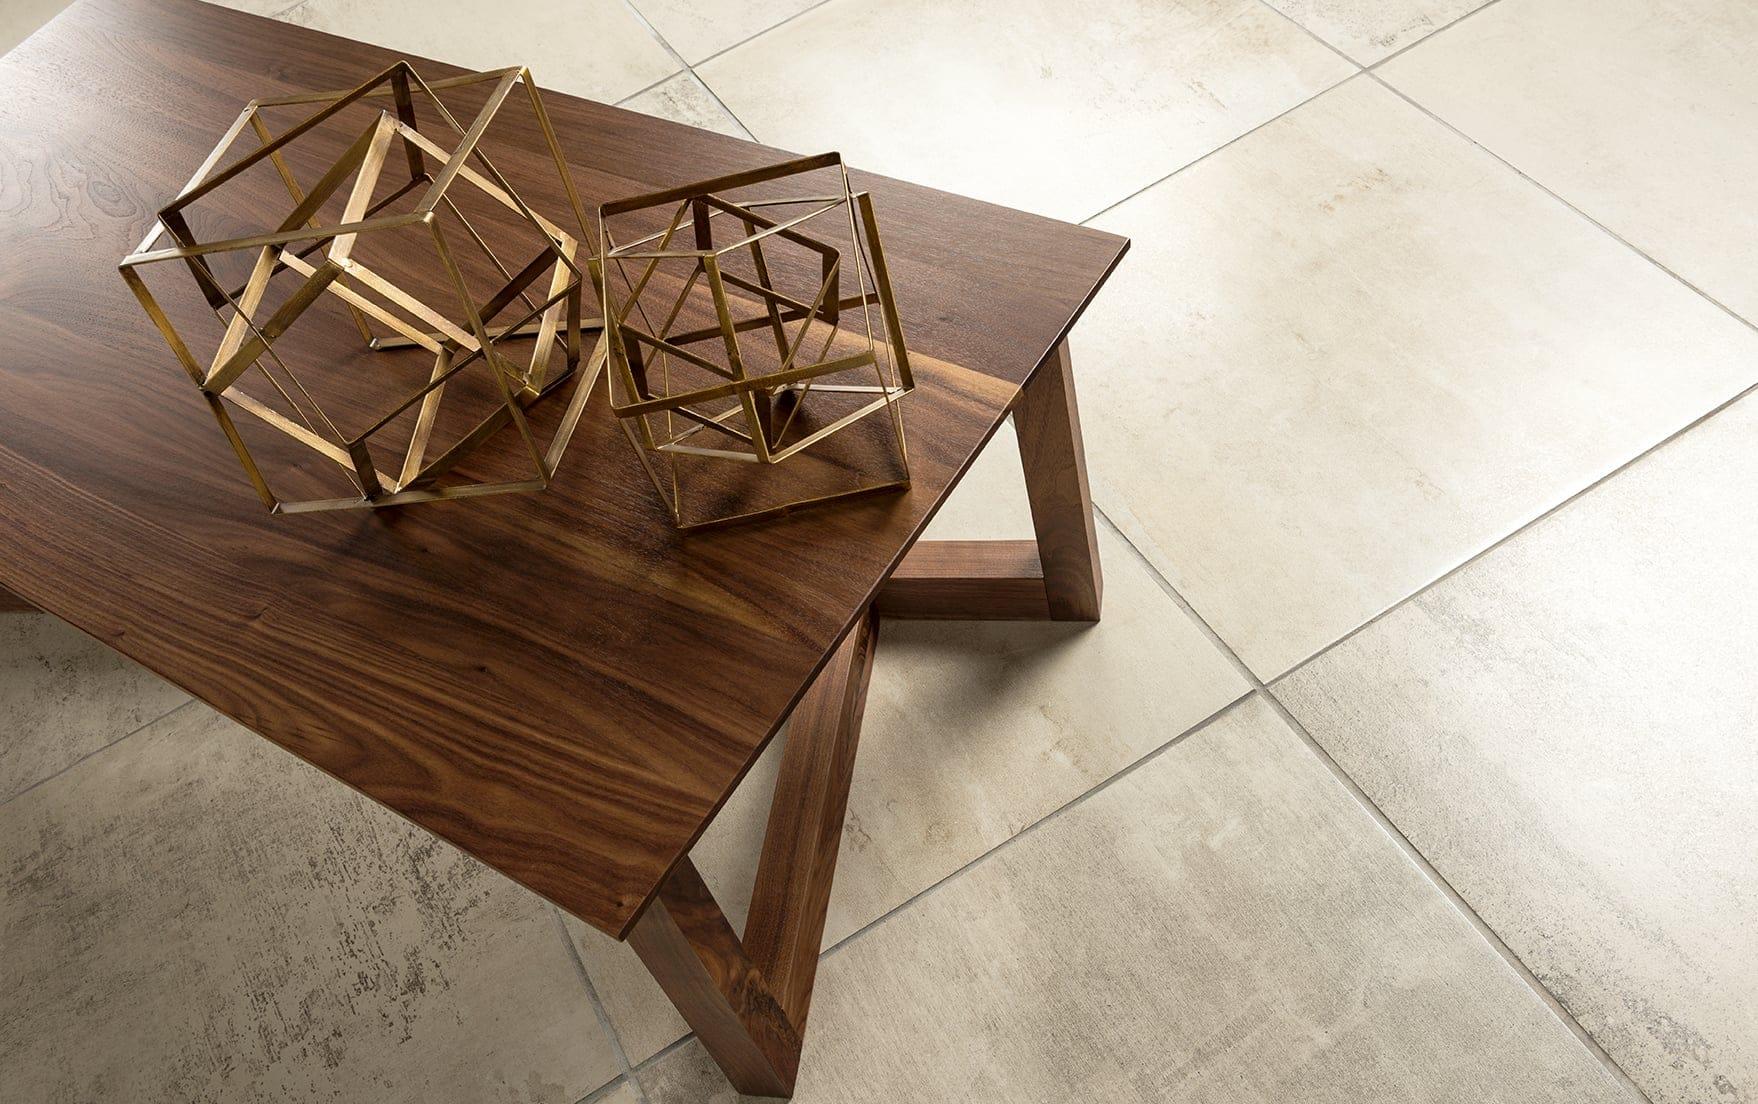 Verbois meubles contemporains fabriqués au québec